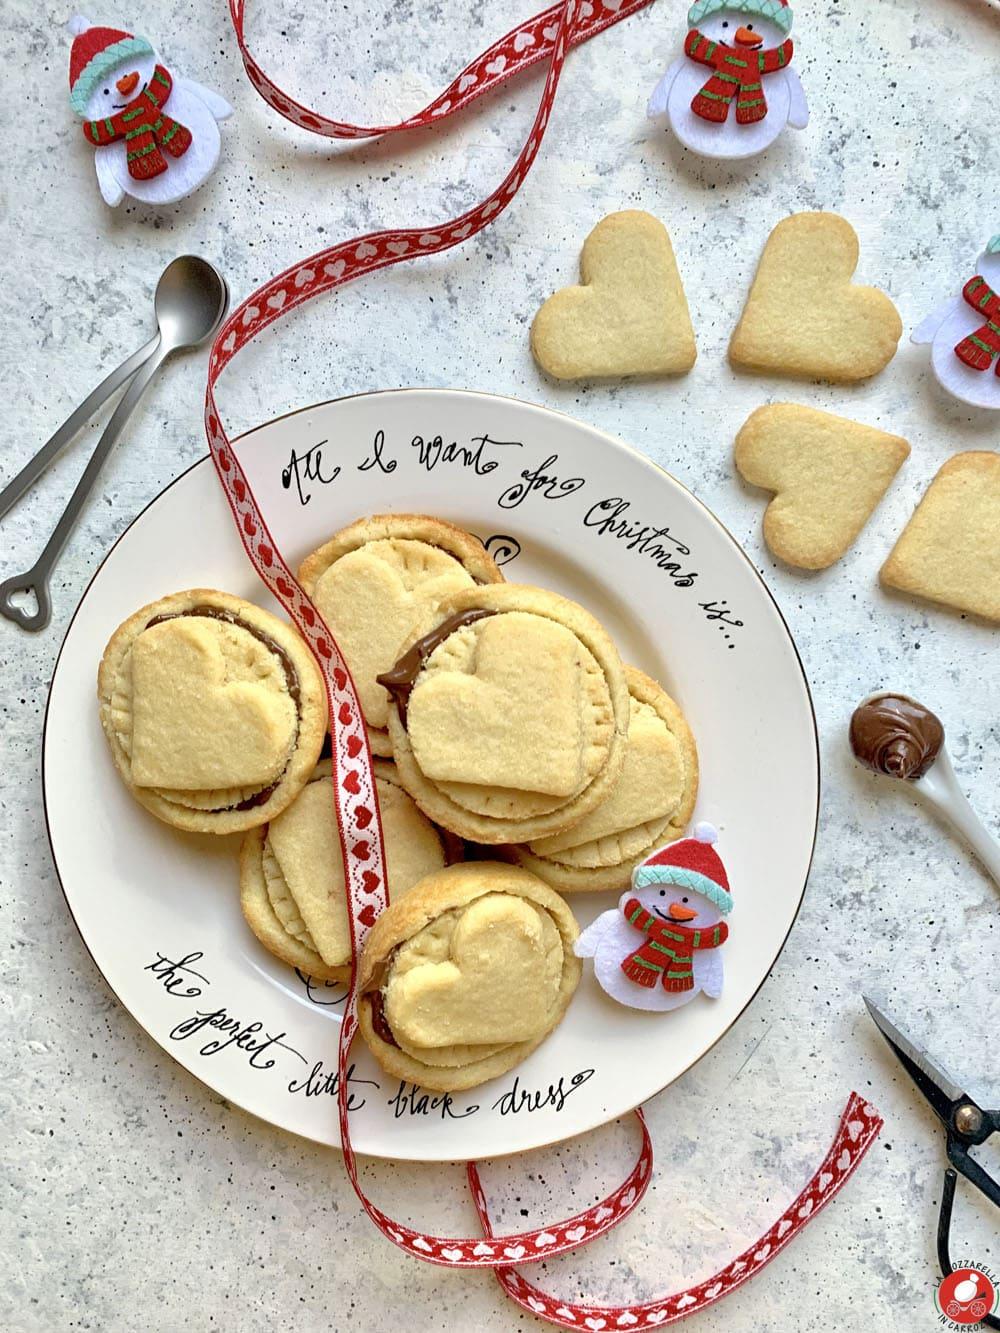 La Mozzarella in Carrozza - Biscotti alla Nutella